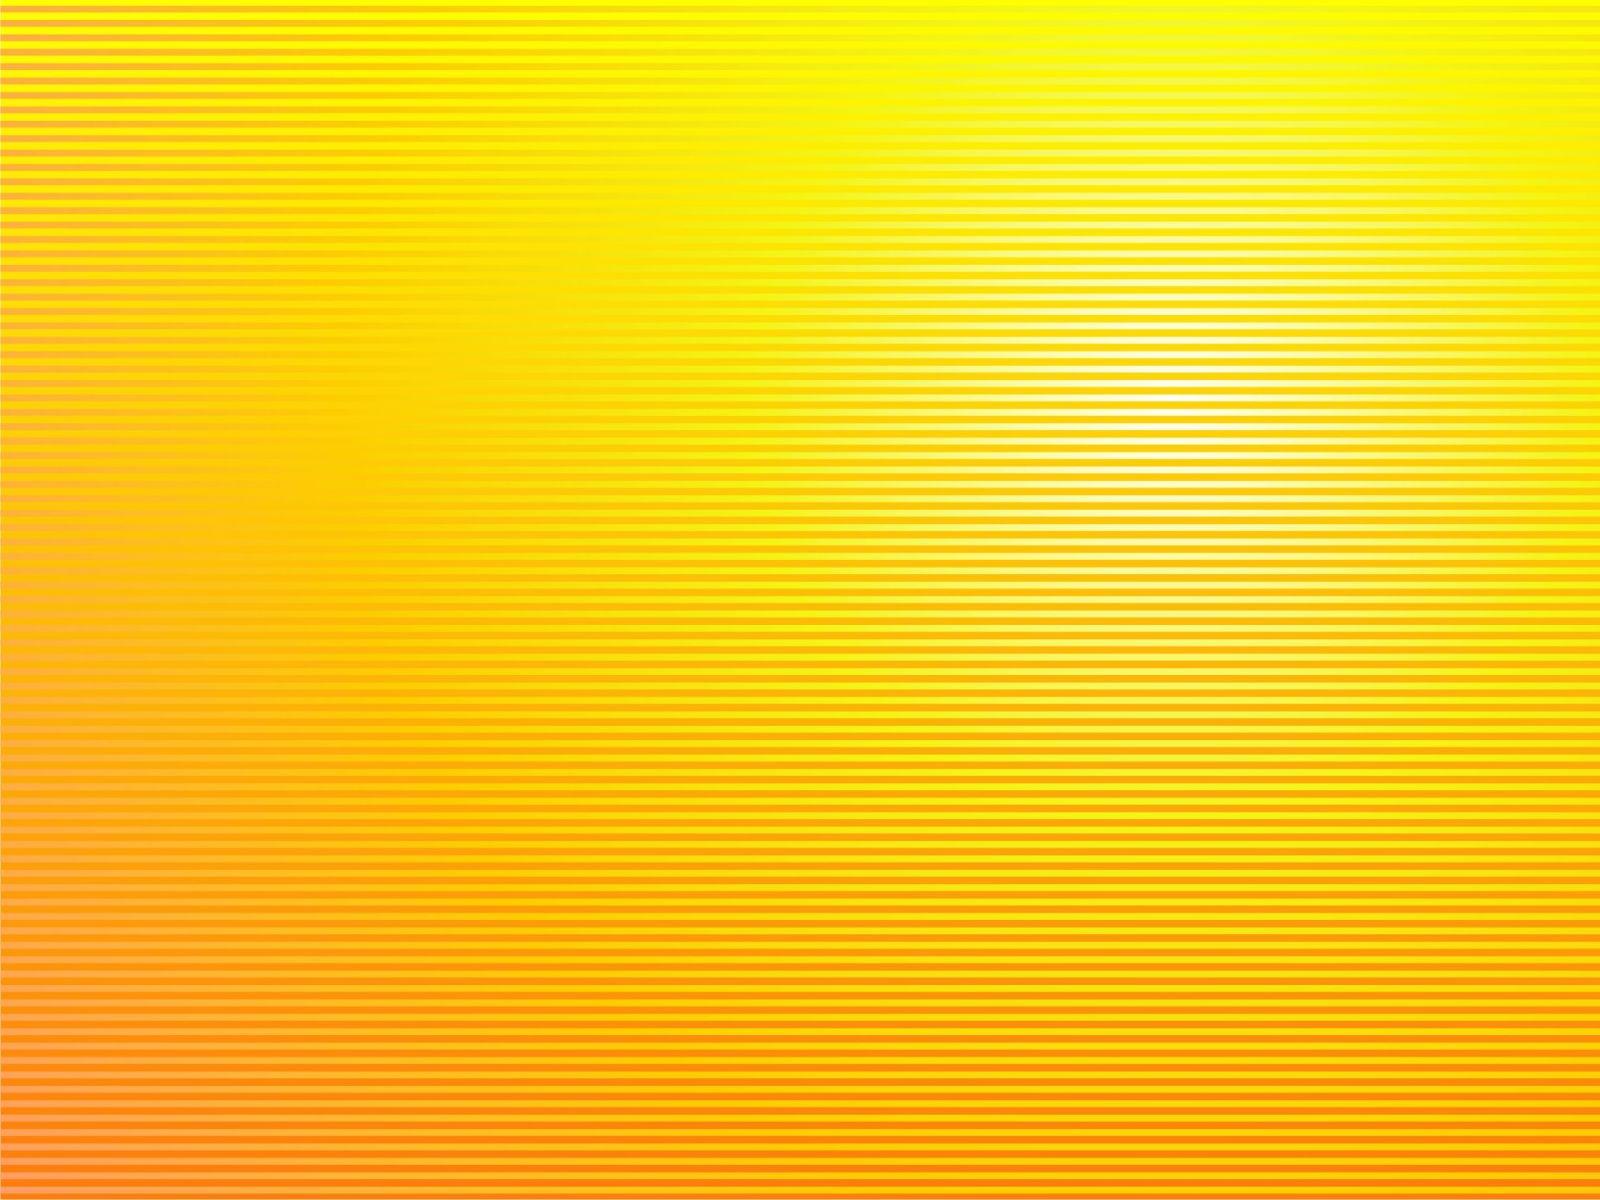 Hình nền màu vàng rực rỡ sọc ngang cực đẹp